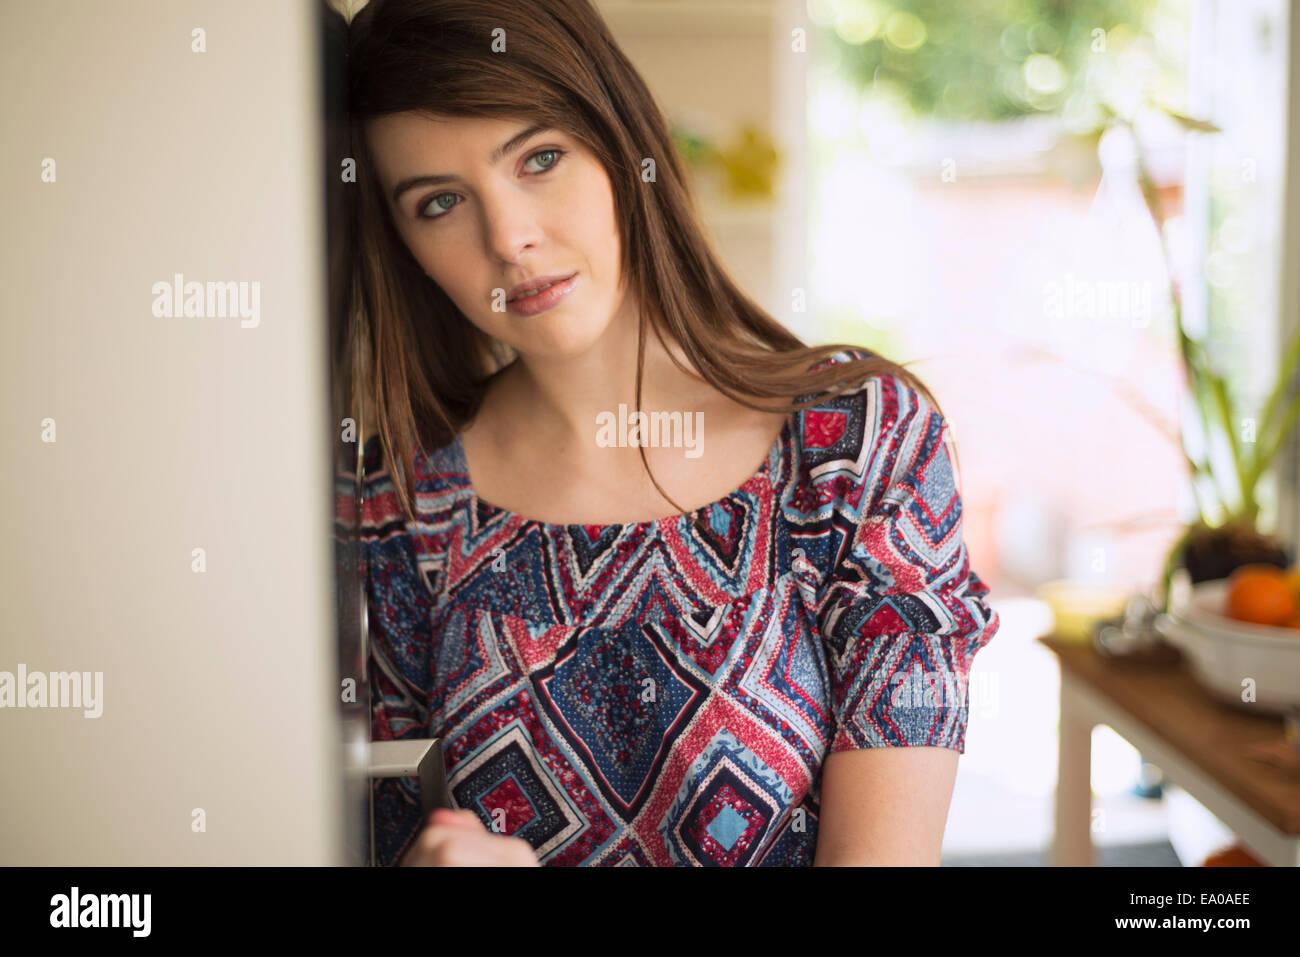 Jeune brunette woman, portrait Photo Stock